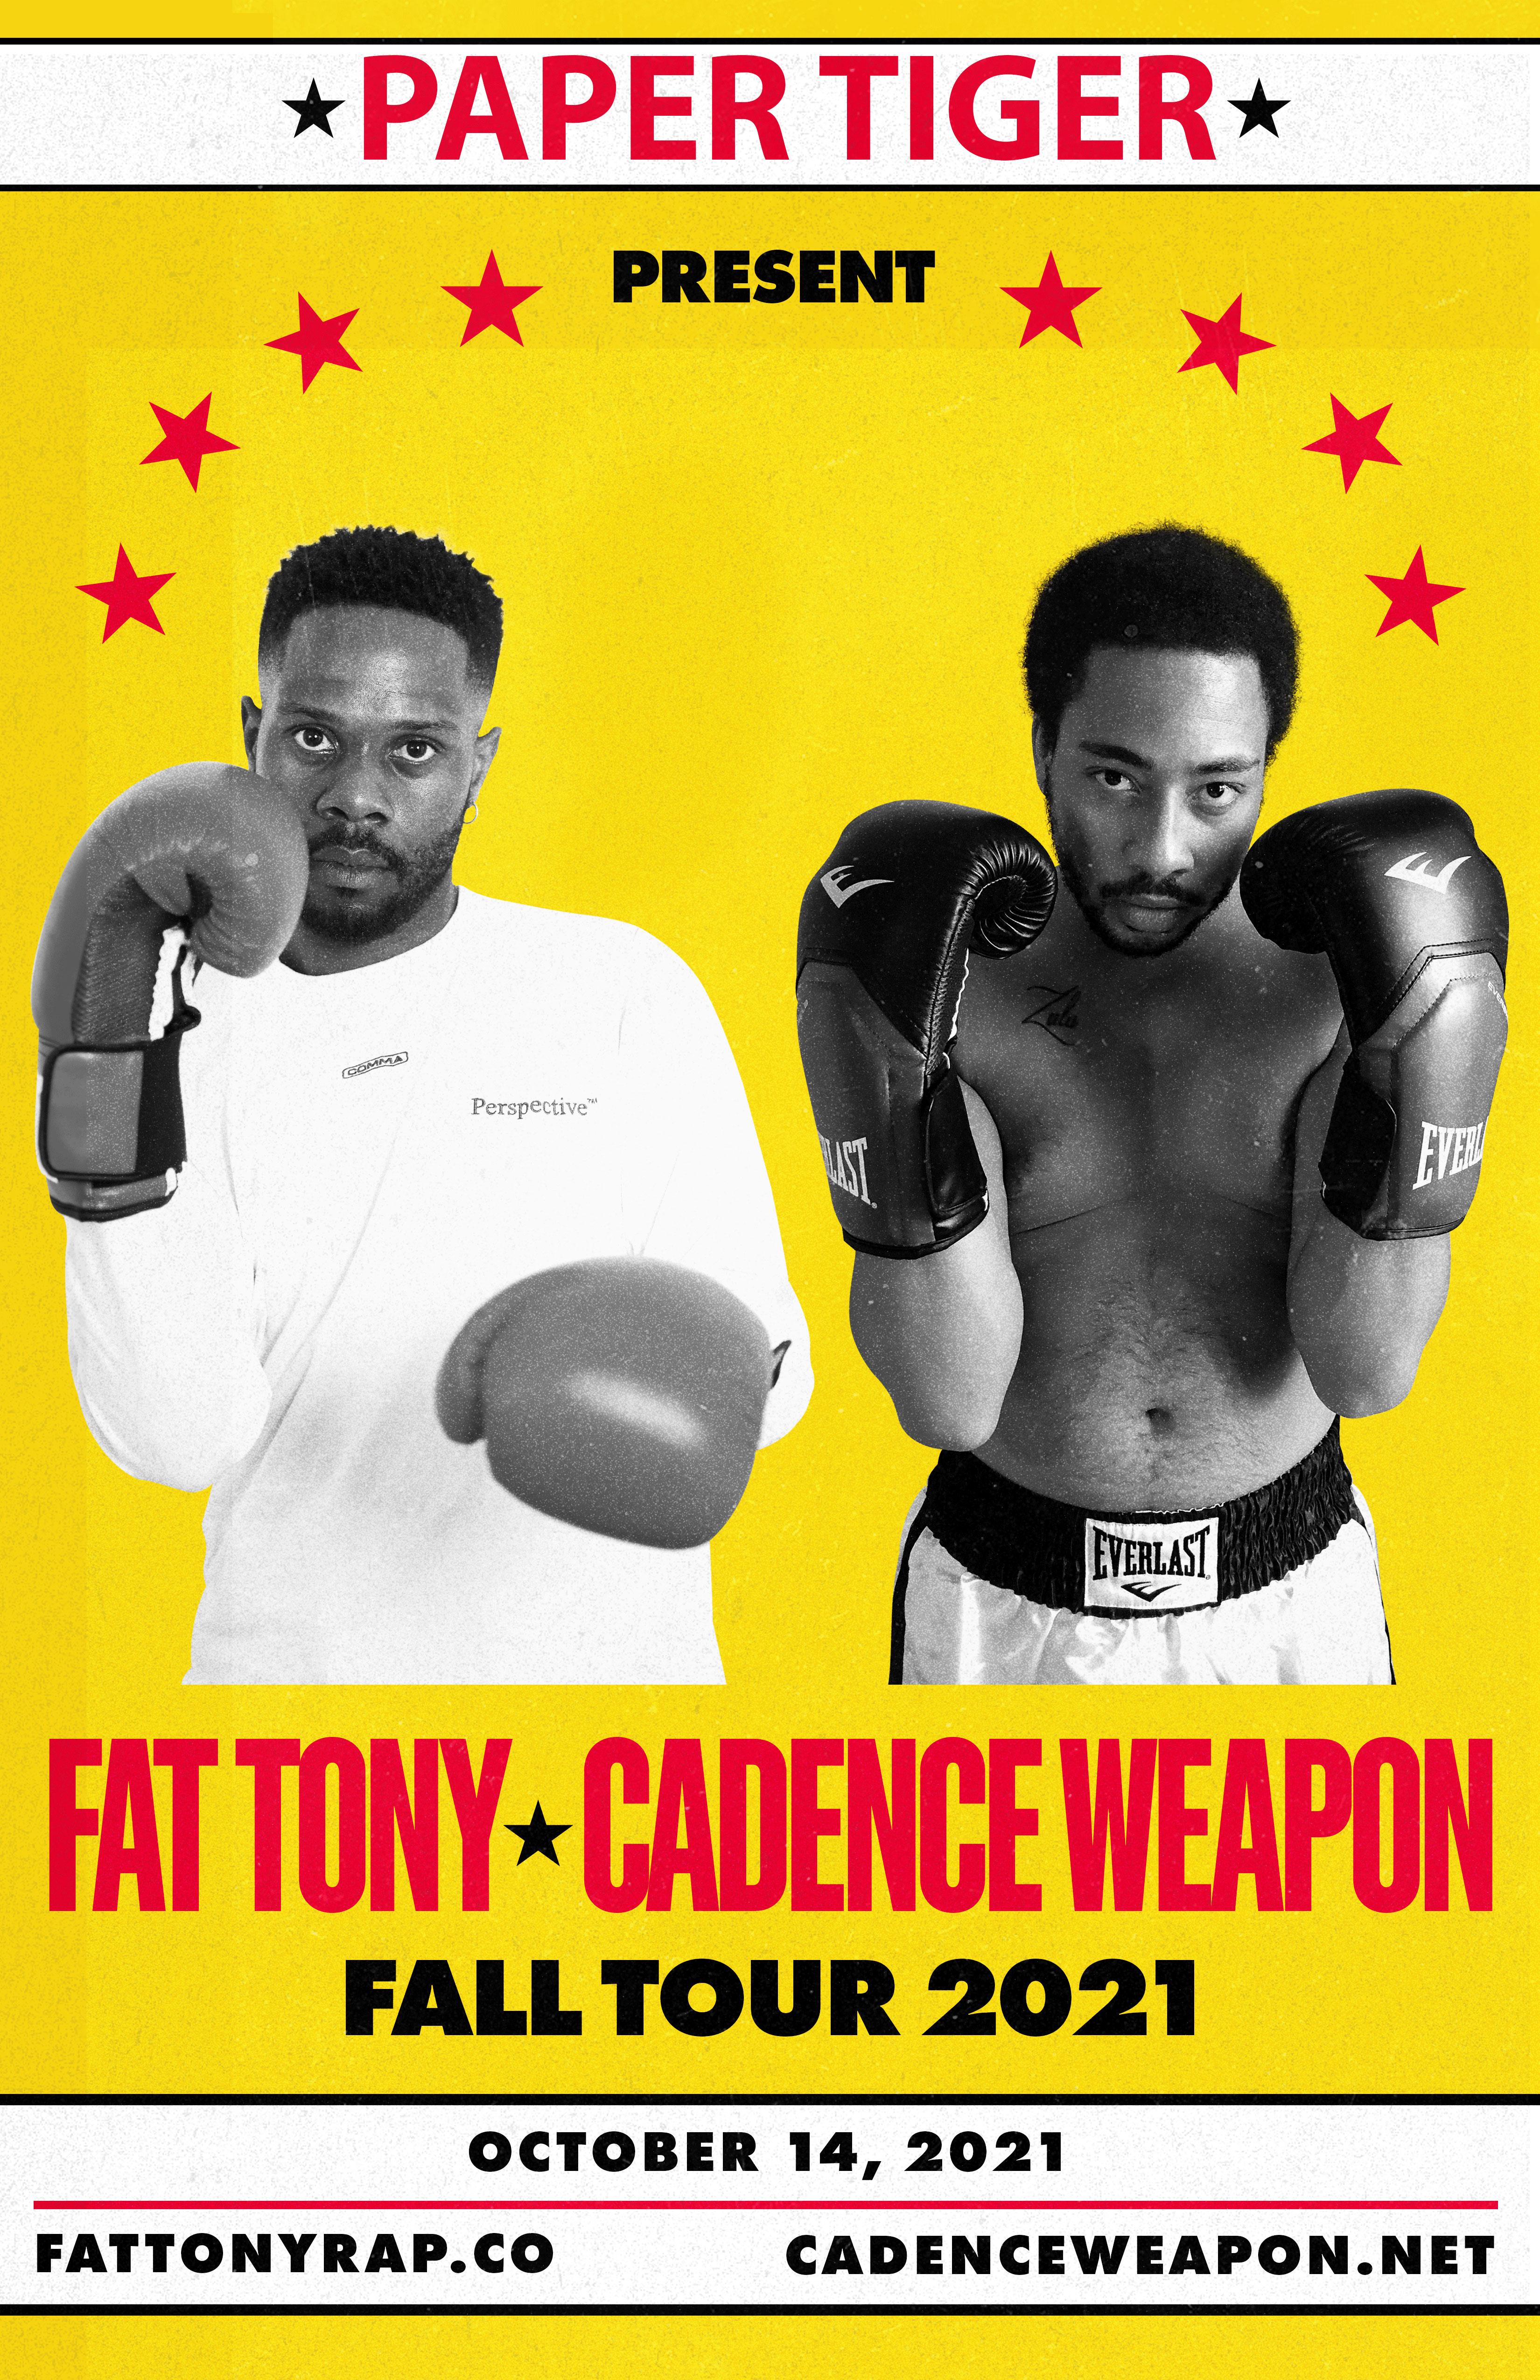 Fat Tony, Cadence Weapon: